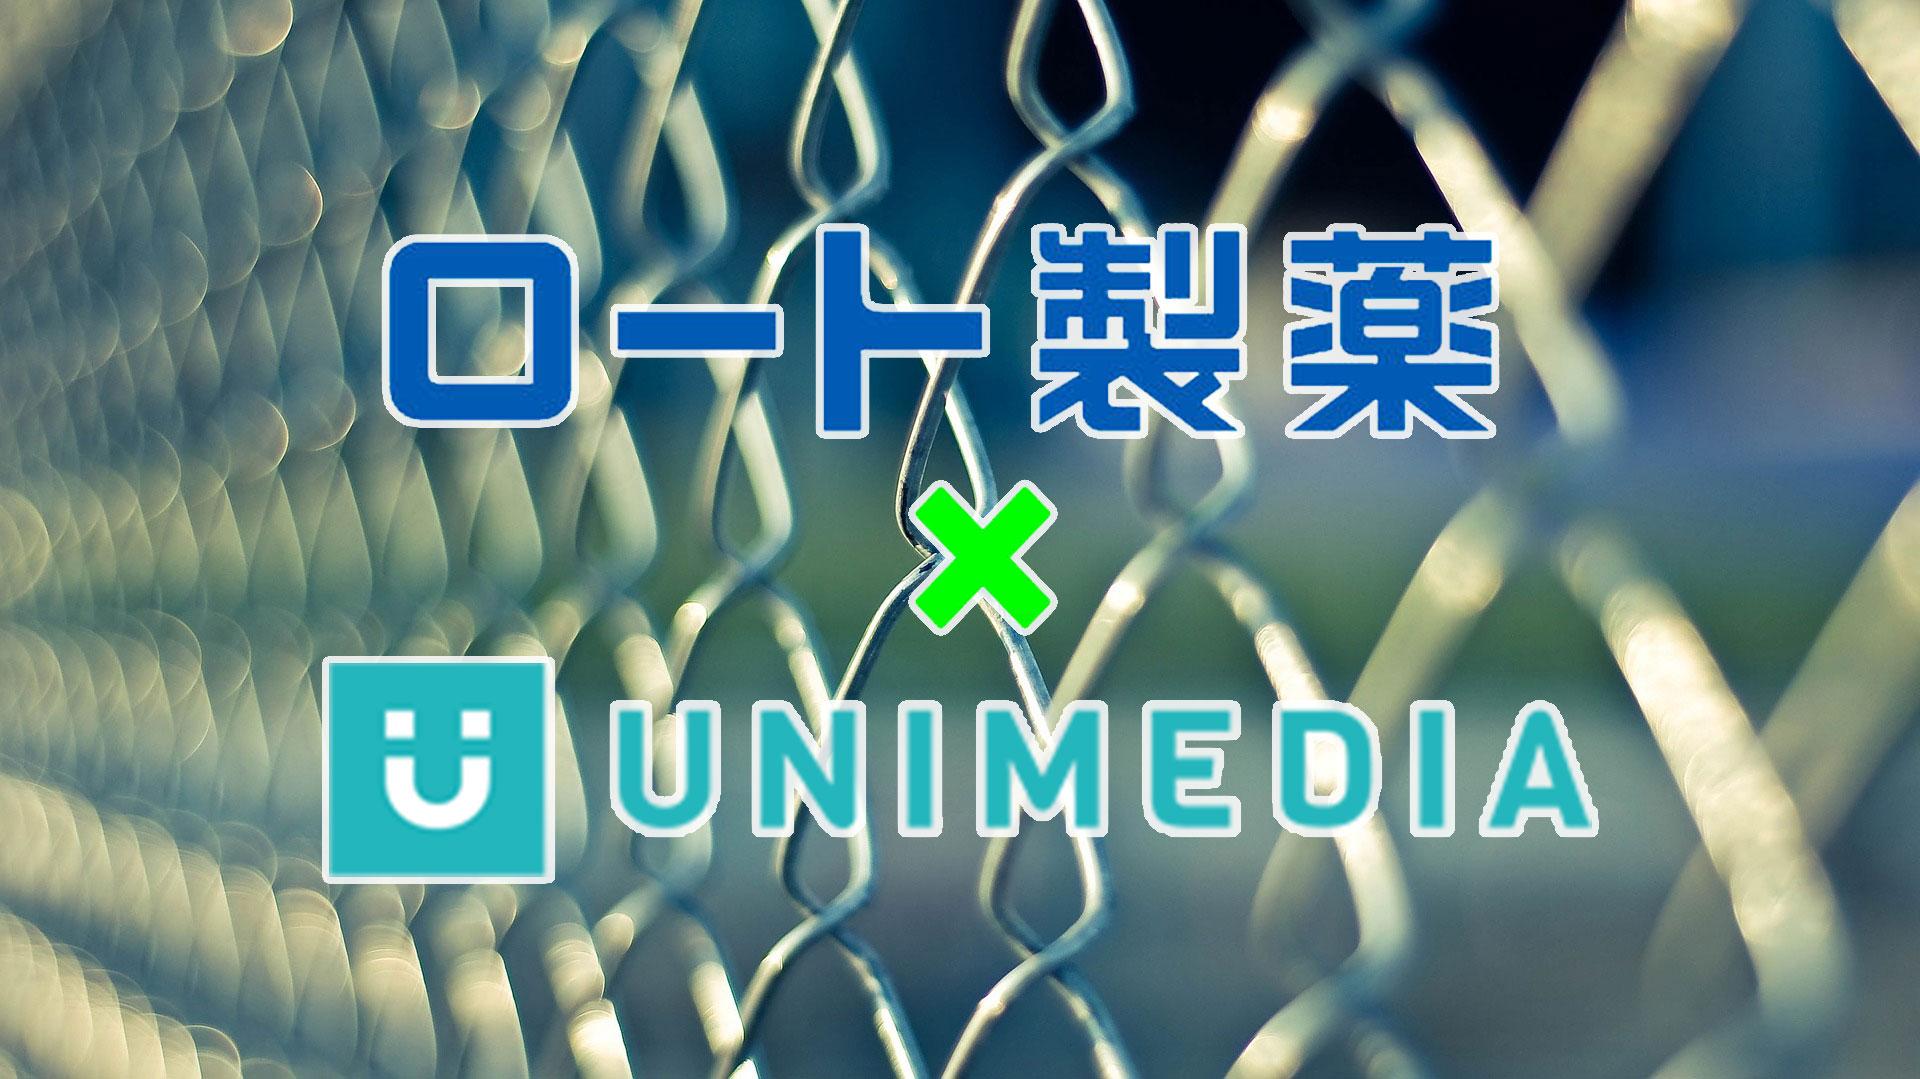 「ユニメディア」と「ロート製薬」がセキュリティ強化にブロックチェーンを用いて共同研究開始